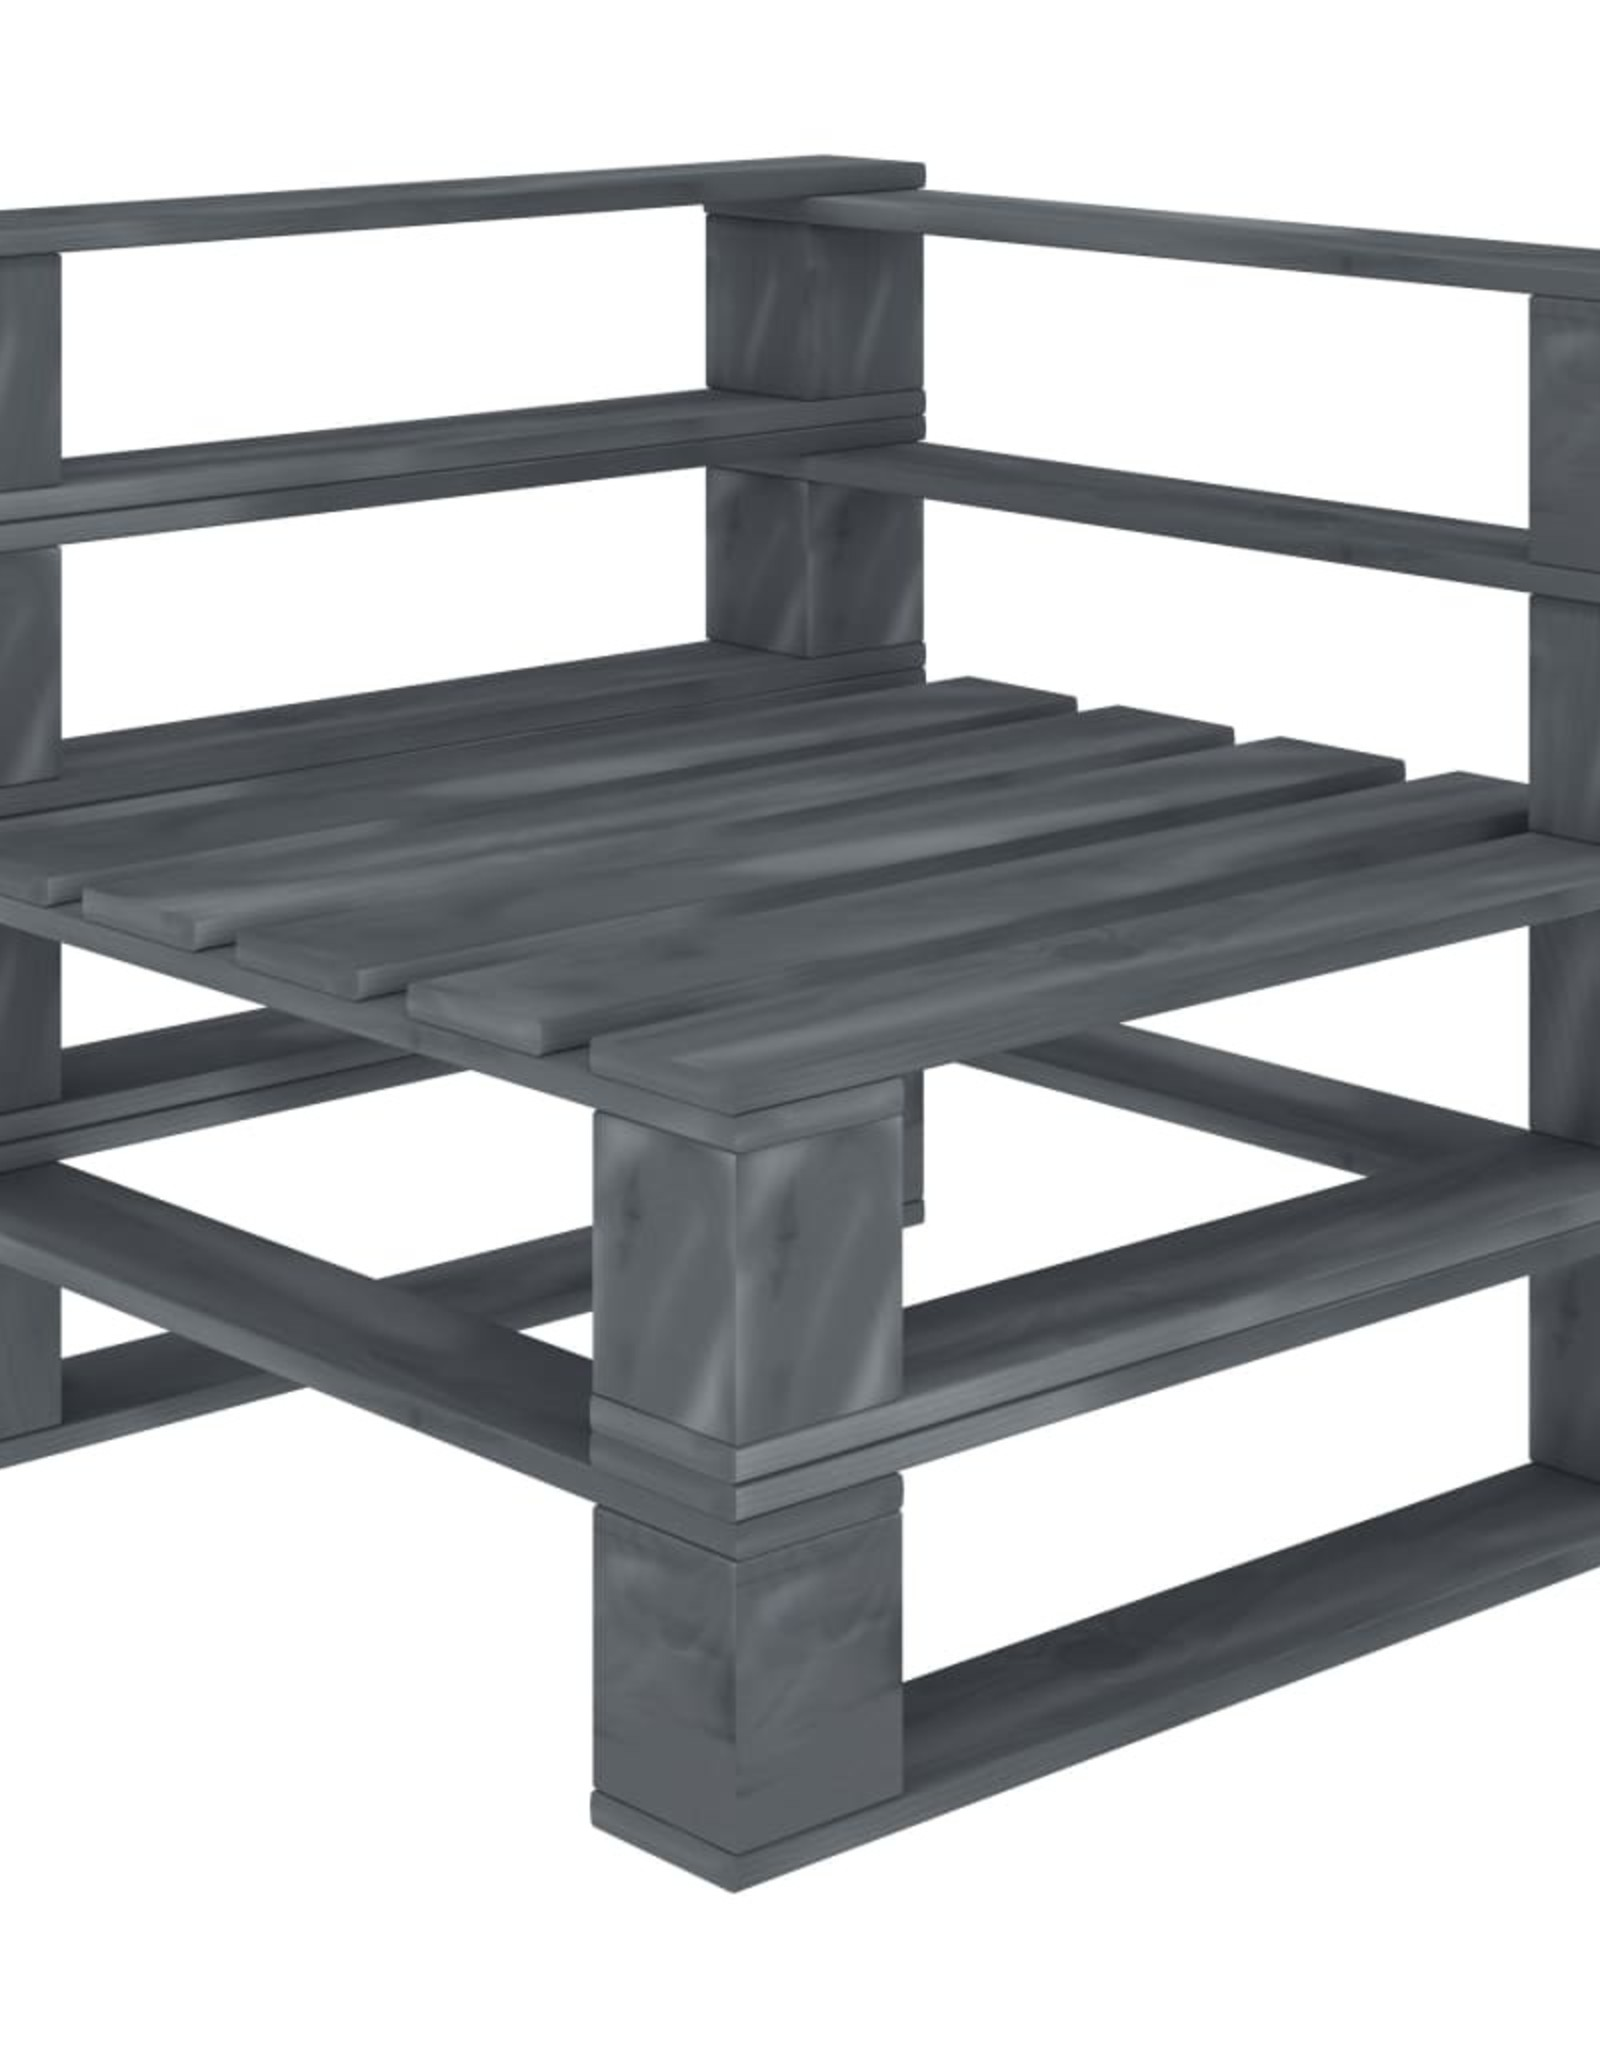 vidaXL 4-delige Loungeset met antraciet en bloemenkussens pallet hout